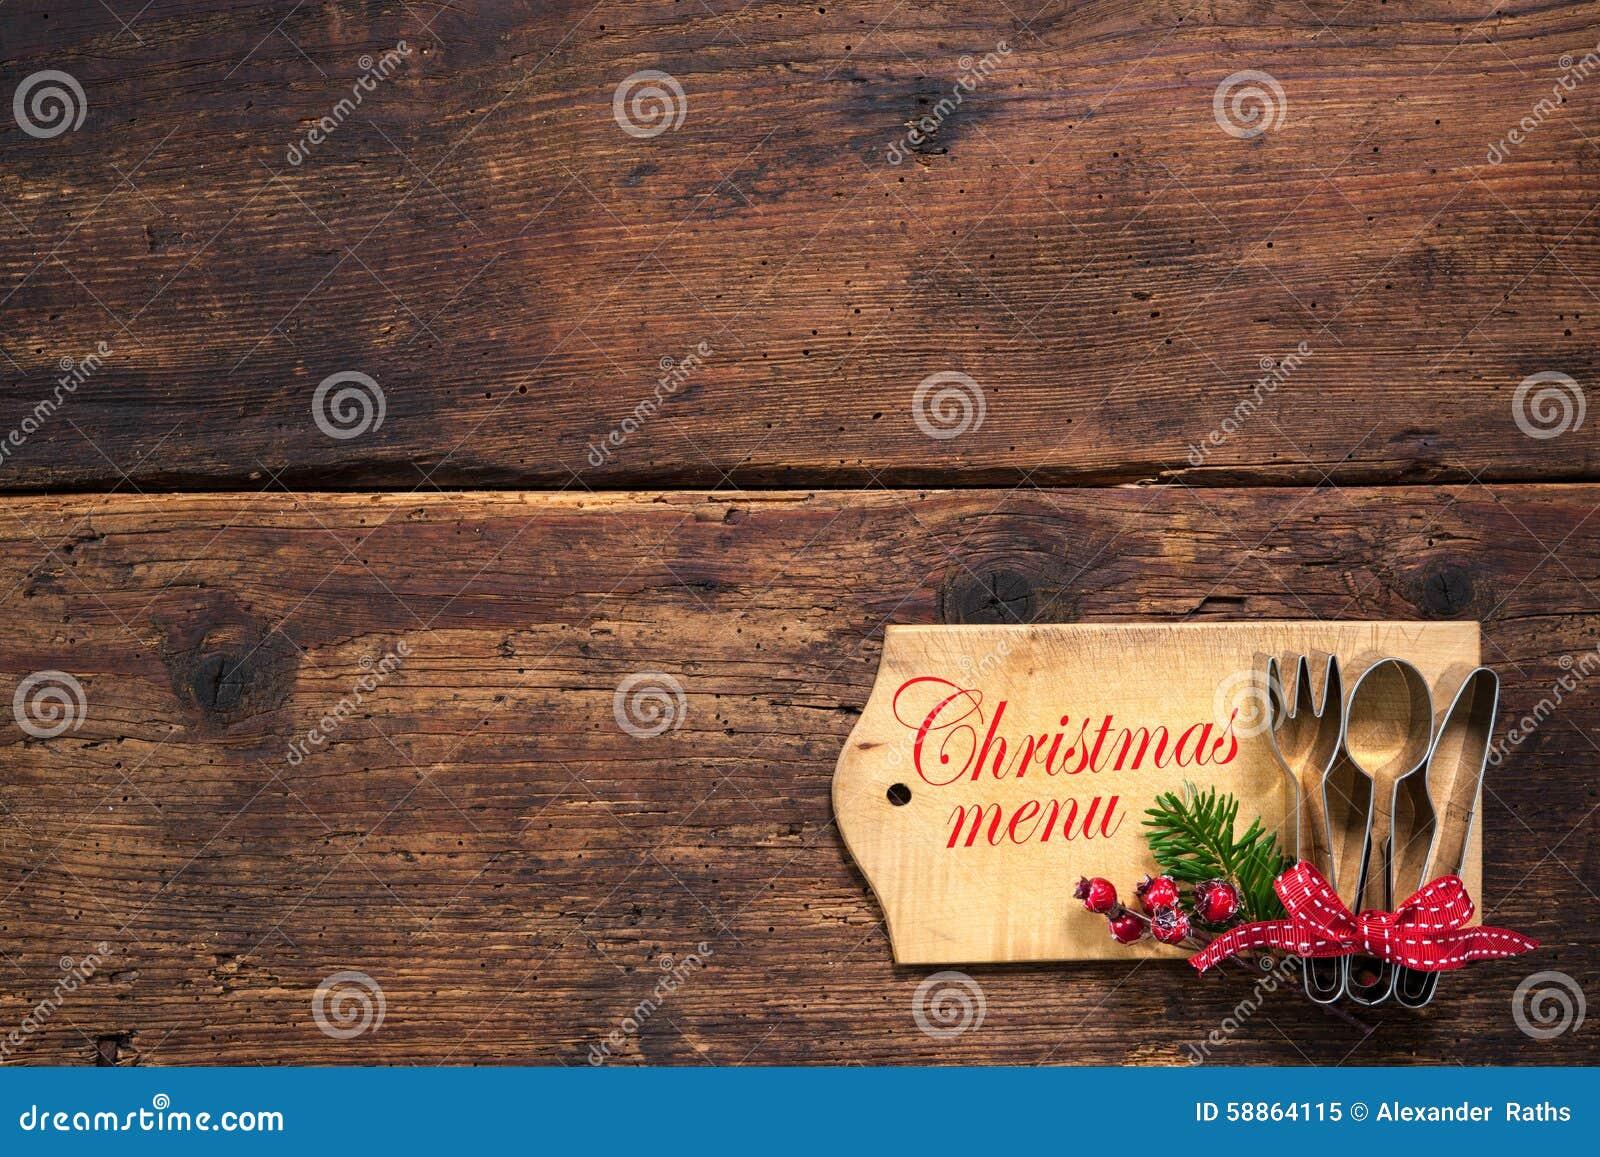 Christmas Menu Stock Photo Image 58864115